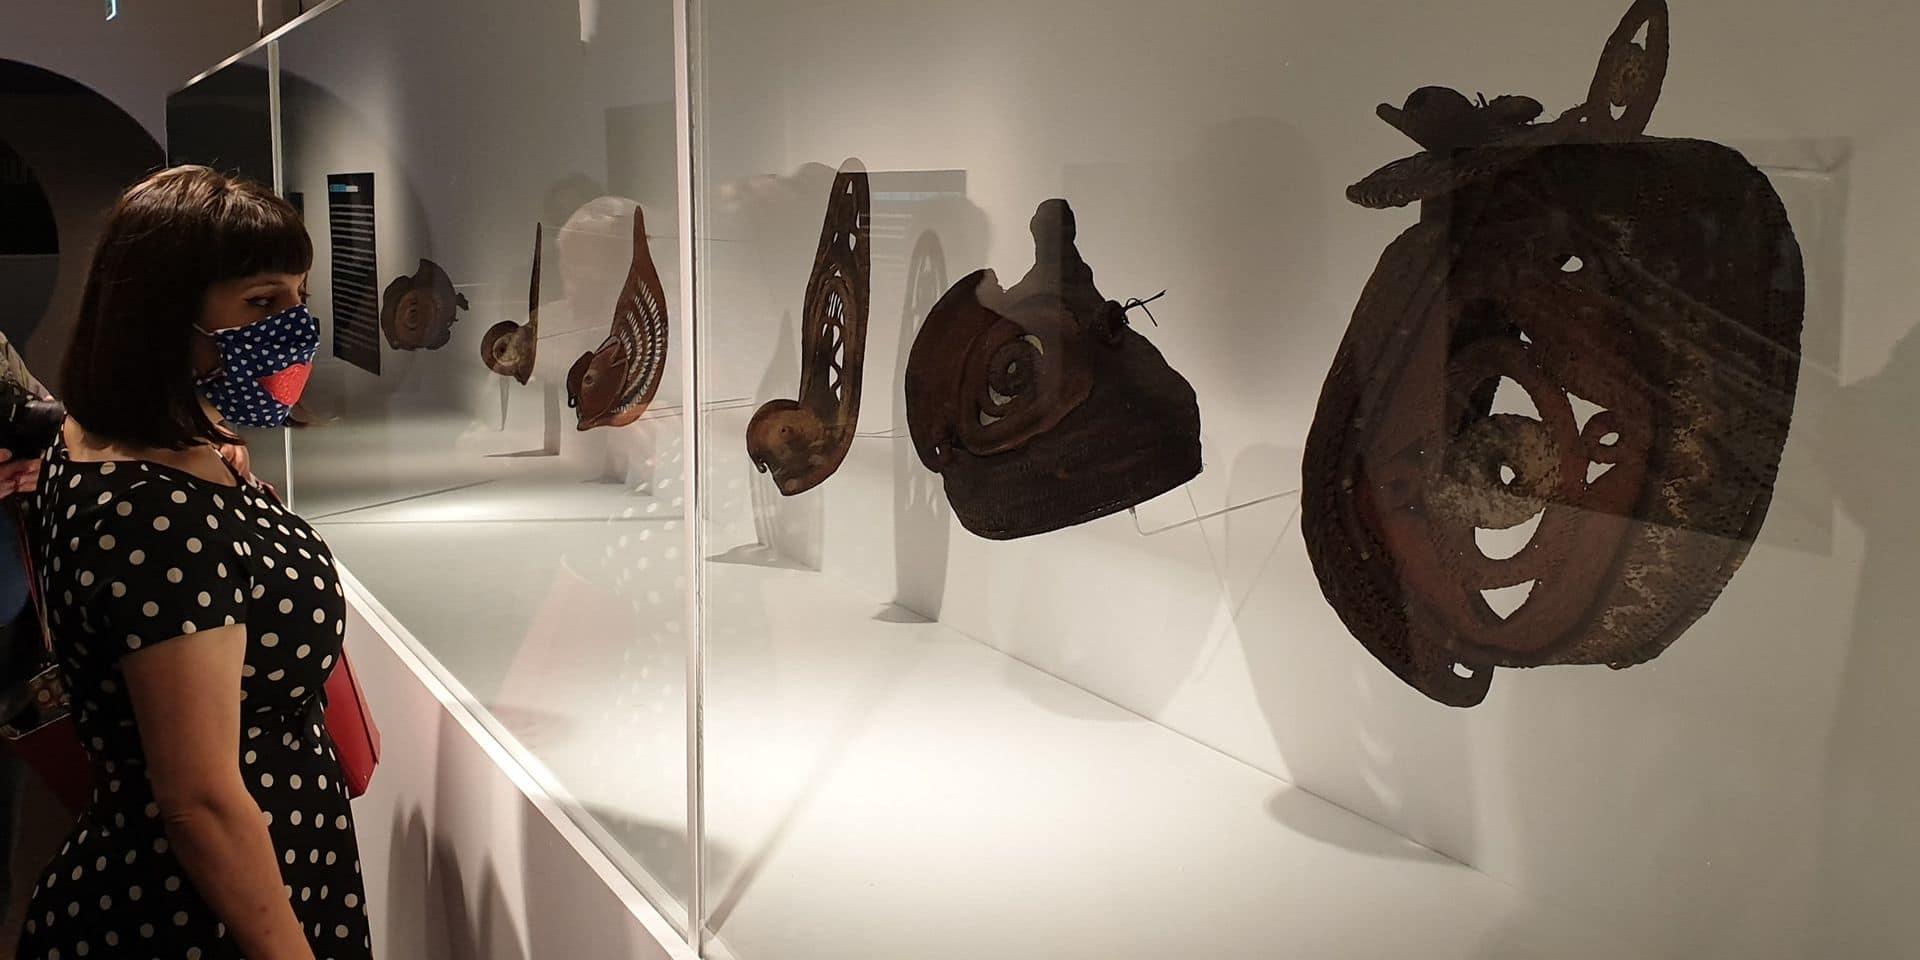 Binche: Le Musée du Masque fait sa rentrée avec deux expos renversantes